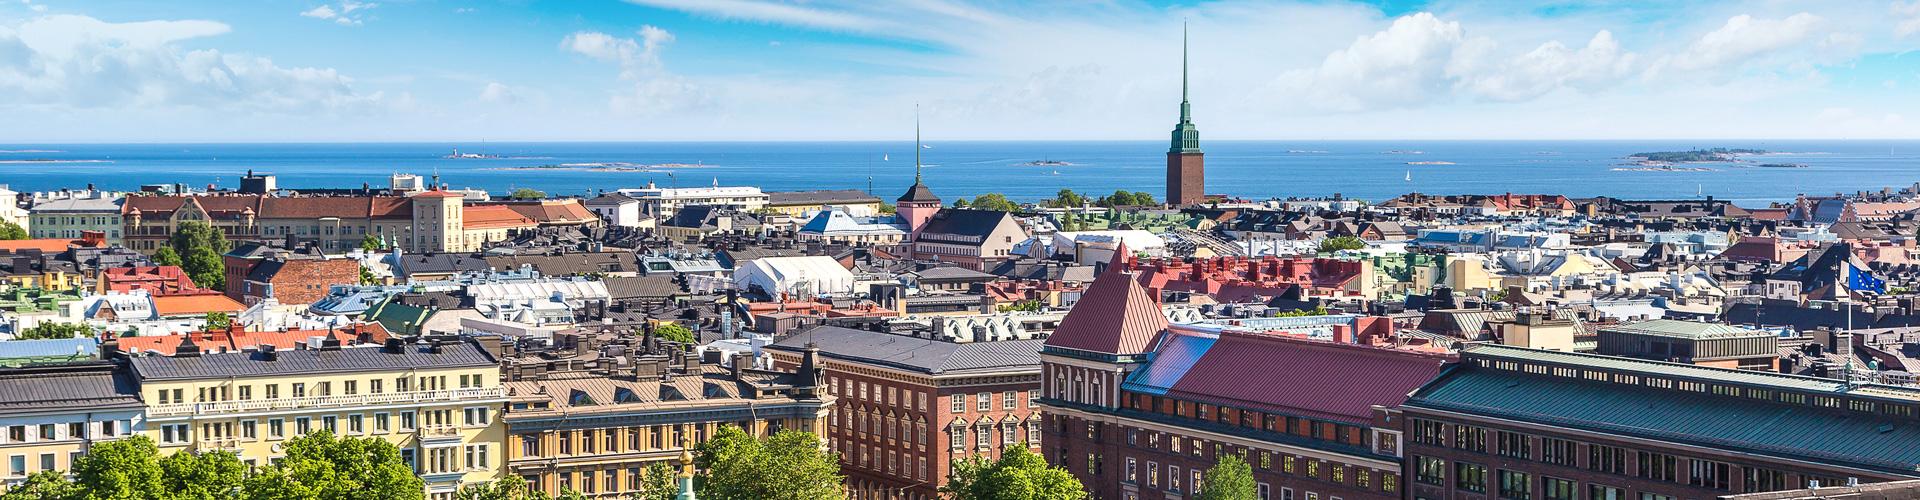 Complete Scandinavia